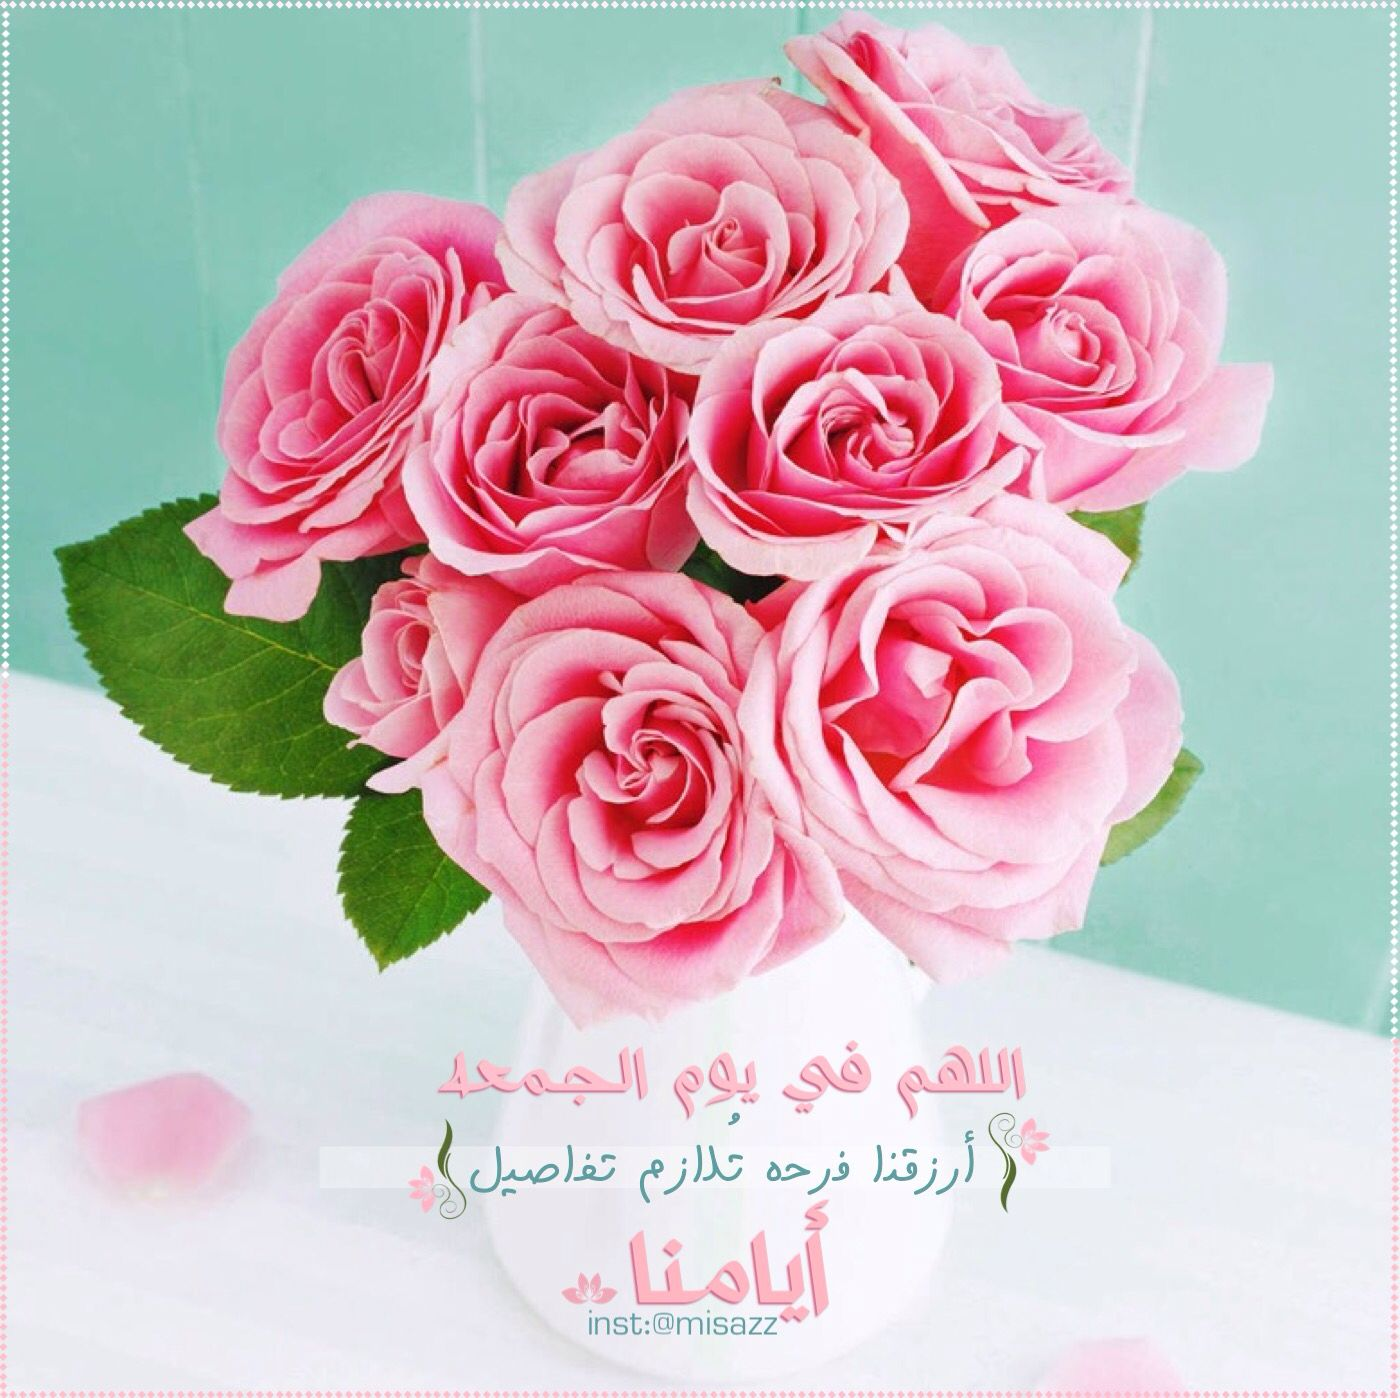 اللهم في يوم الجمعه أرزقنا فرحه تلازم تفاصيل أيامنا يارب Blessed Friday Flower Art Flowers